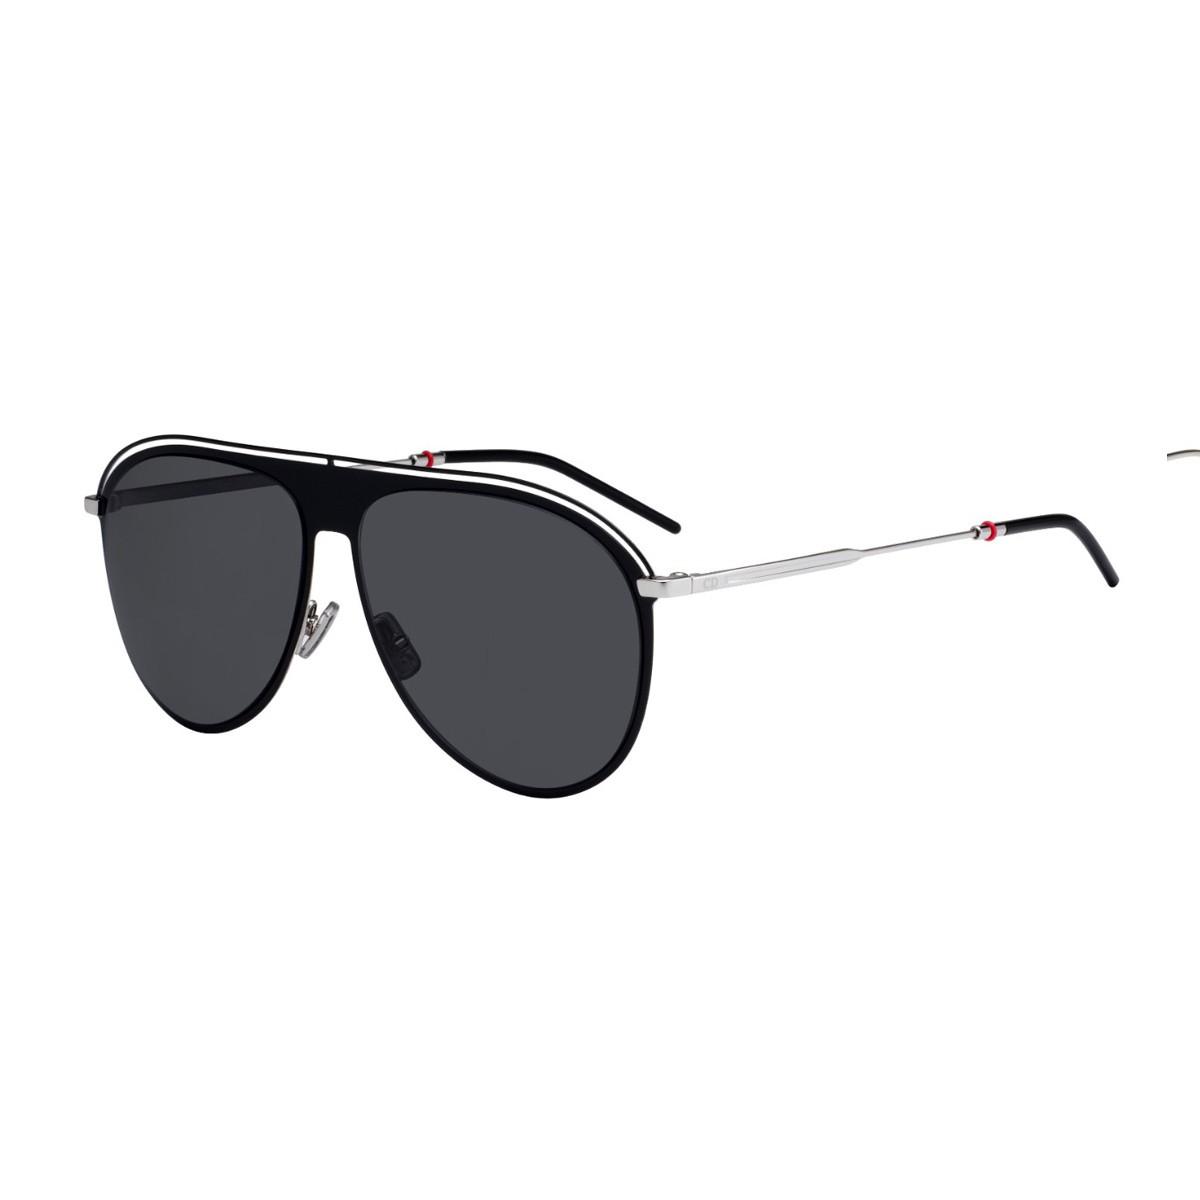 Dior 0217 S | Occhiali da sole Uomo